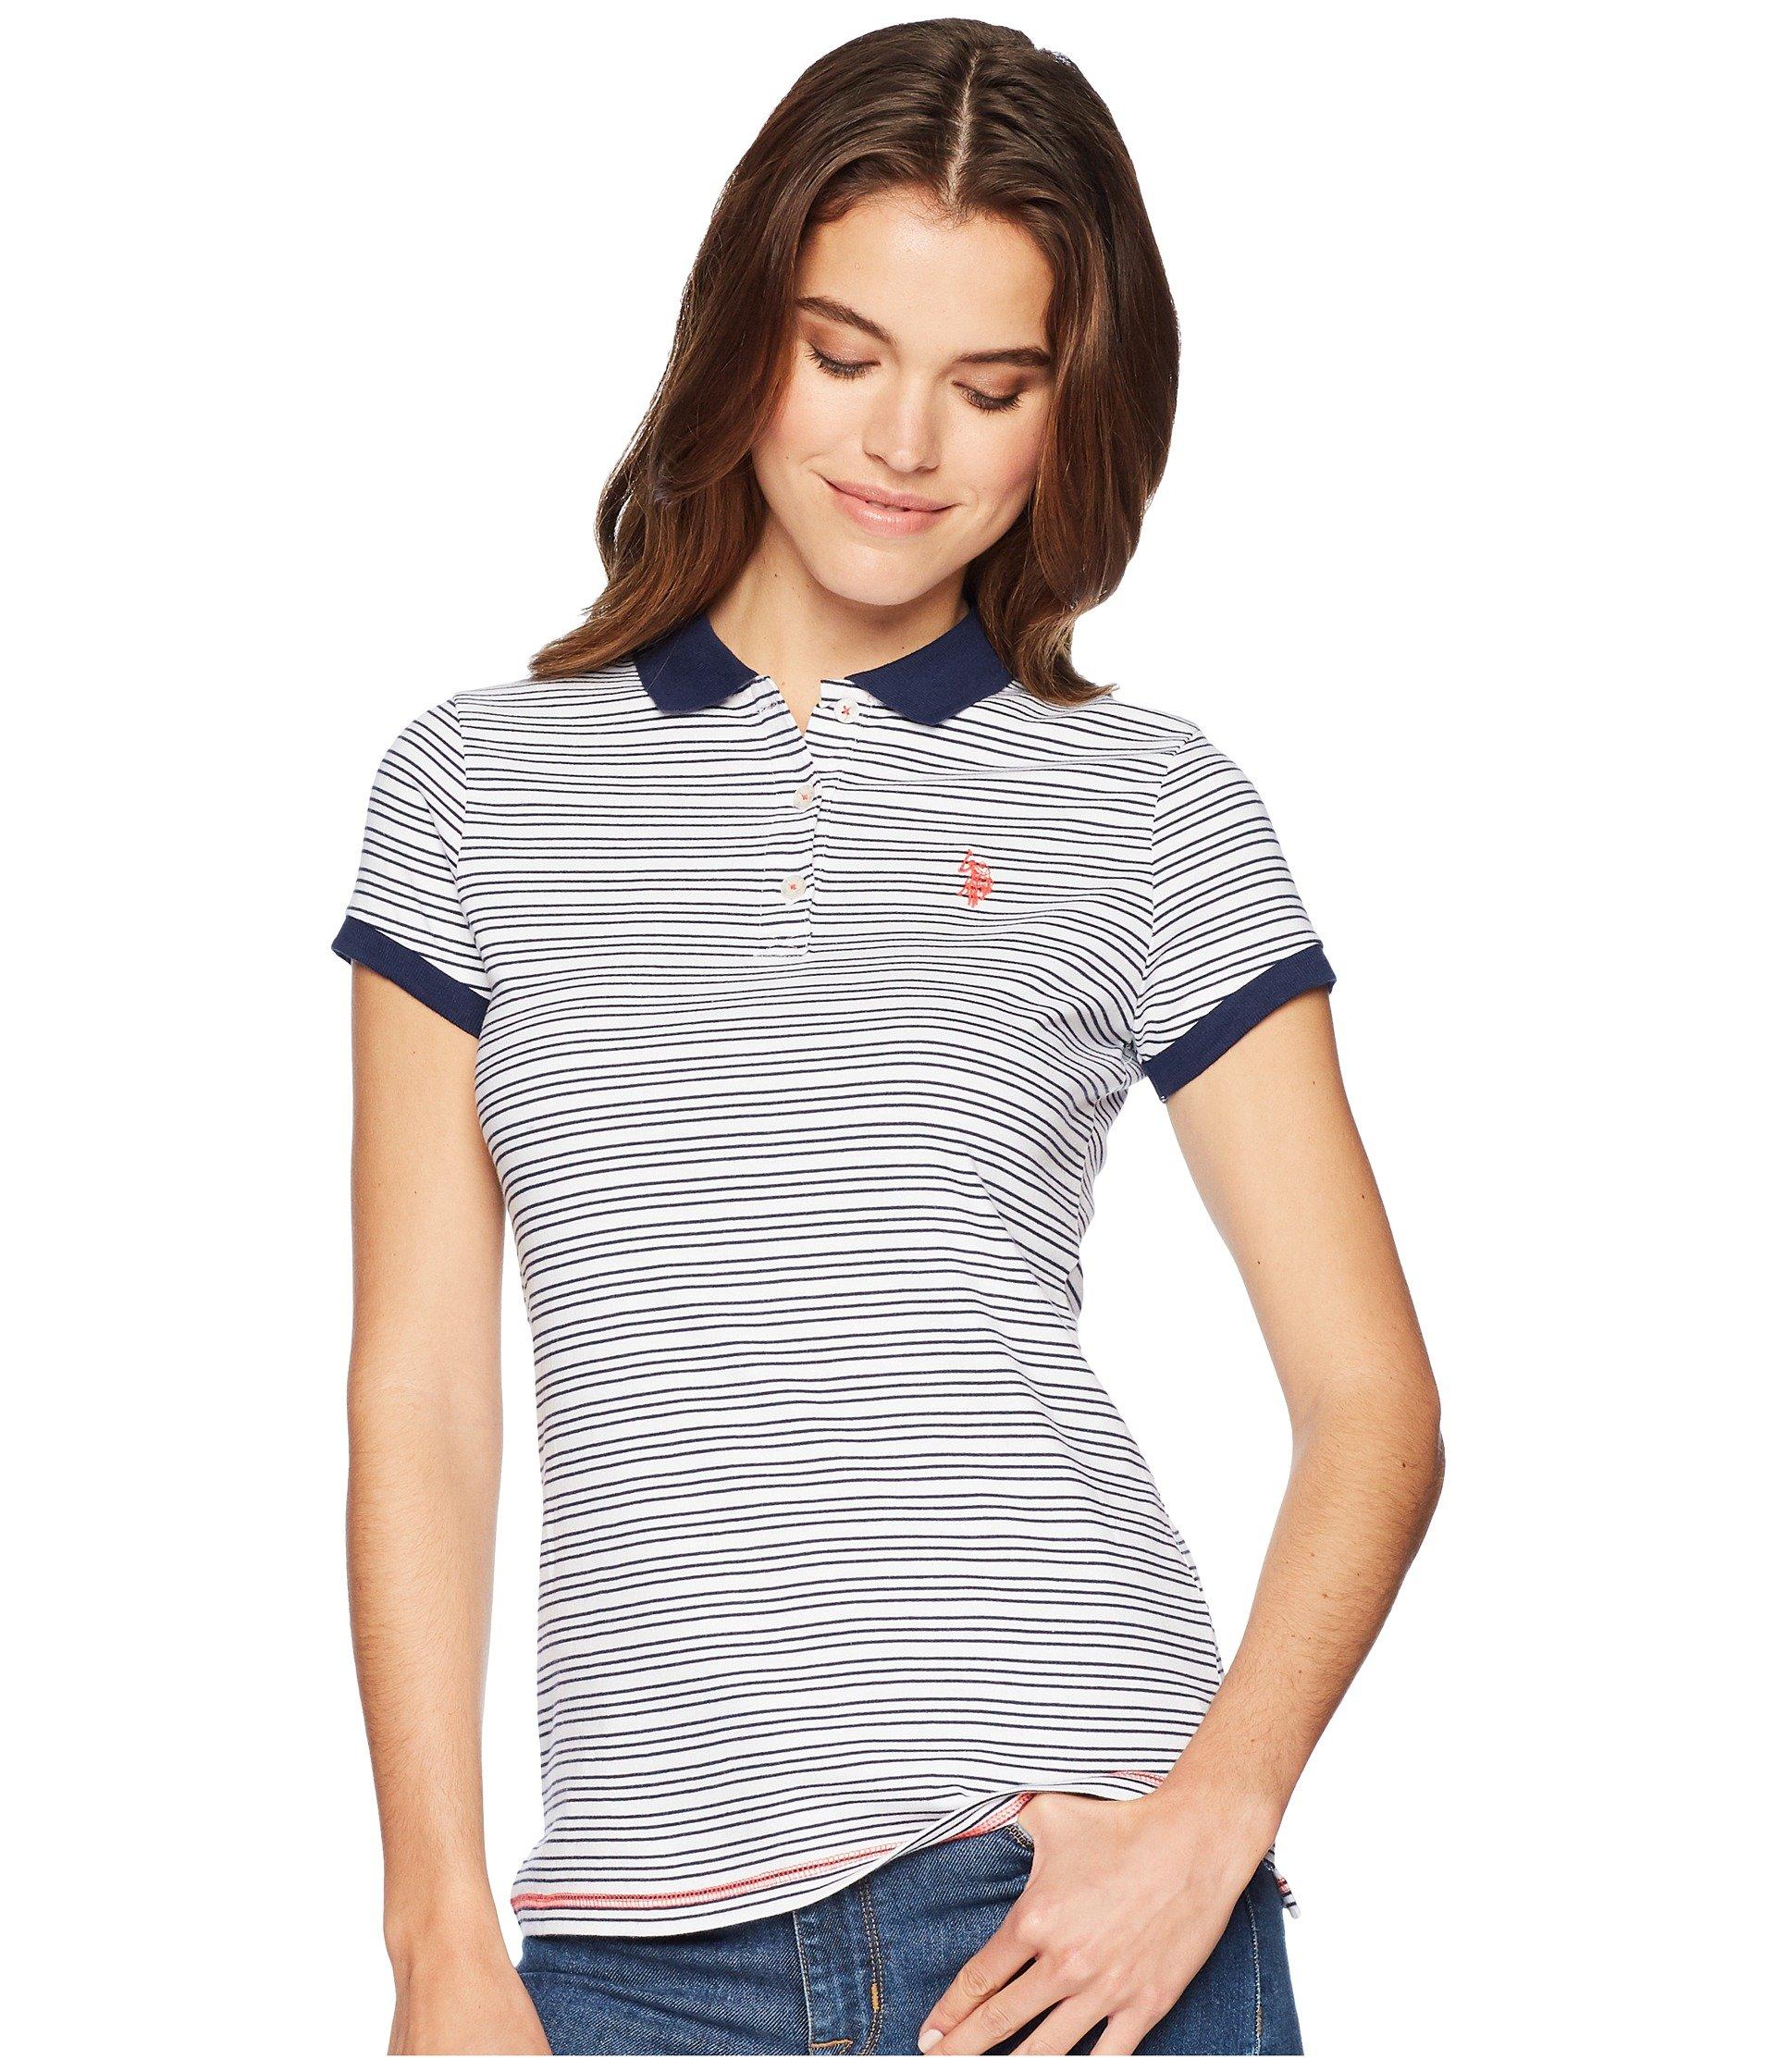 Camiseta Tipo Polo para Mujer U.S. POLO ASSN. Yarn-Dye OPP Polo  + U.S. POLO ASSN. en VeoyCompro.net